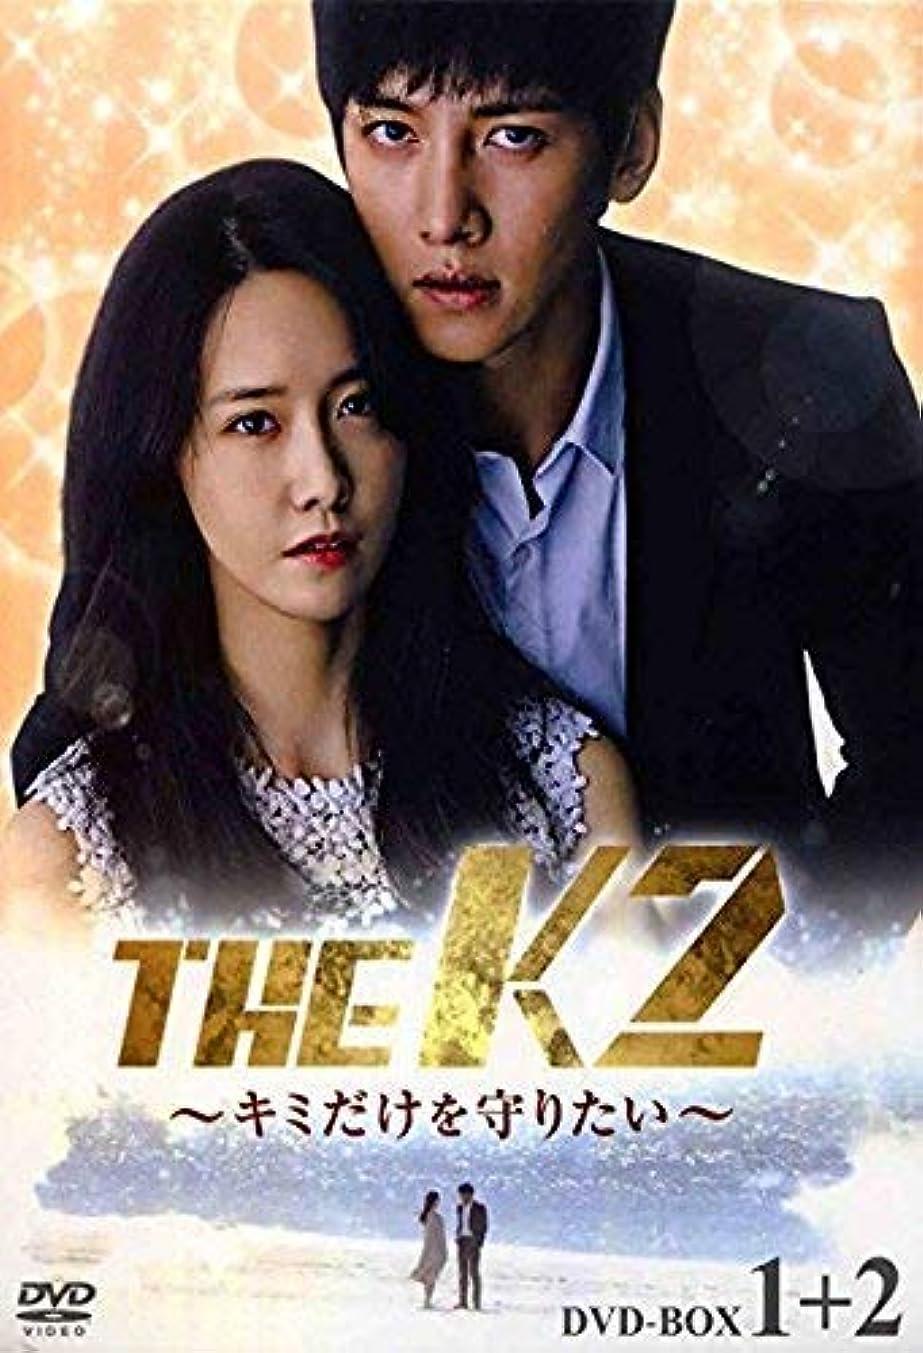 冷ややかな光景特権的THE K2 ~キミだけを守りたい~ DVD-BOX 1+2 10枚組 韓国語/日本語字幕